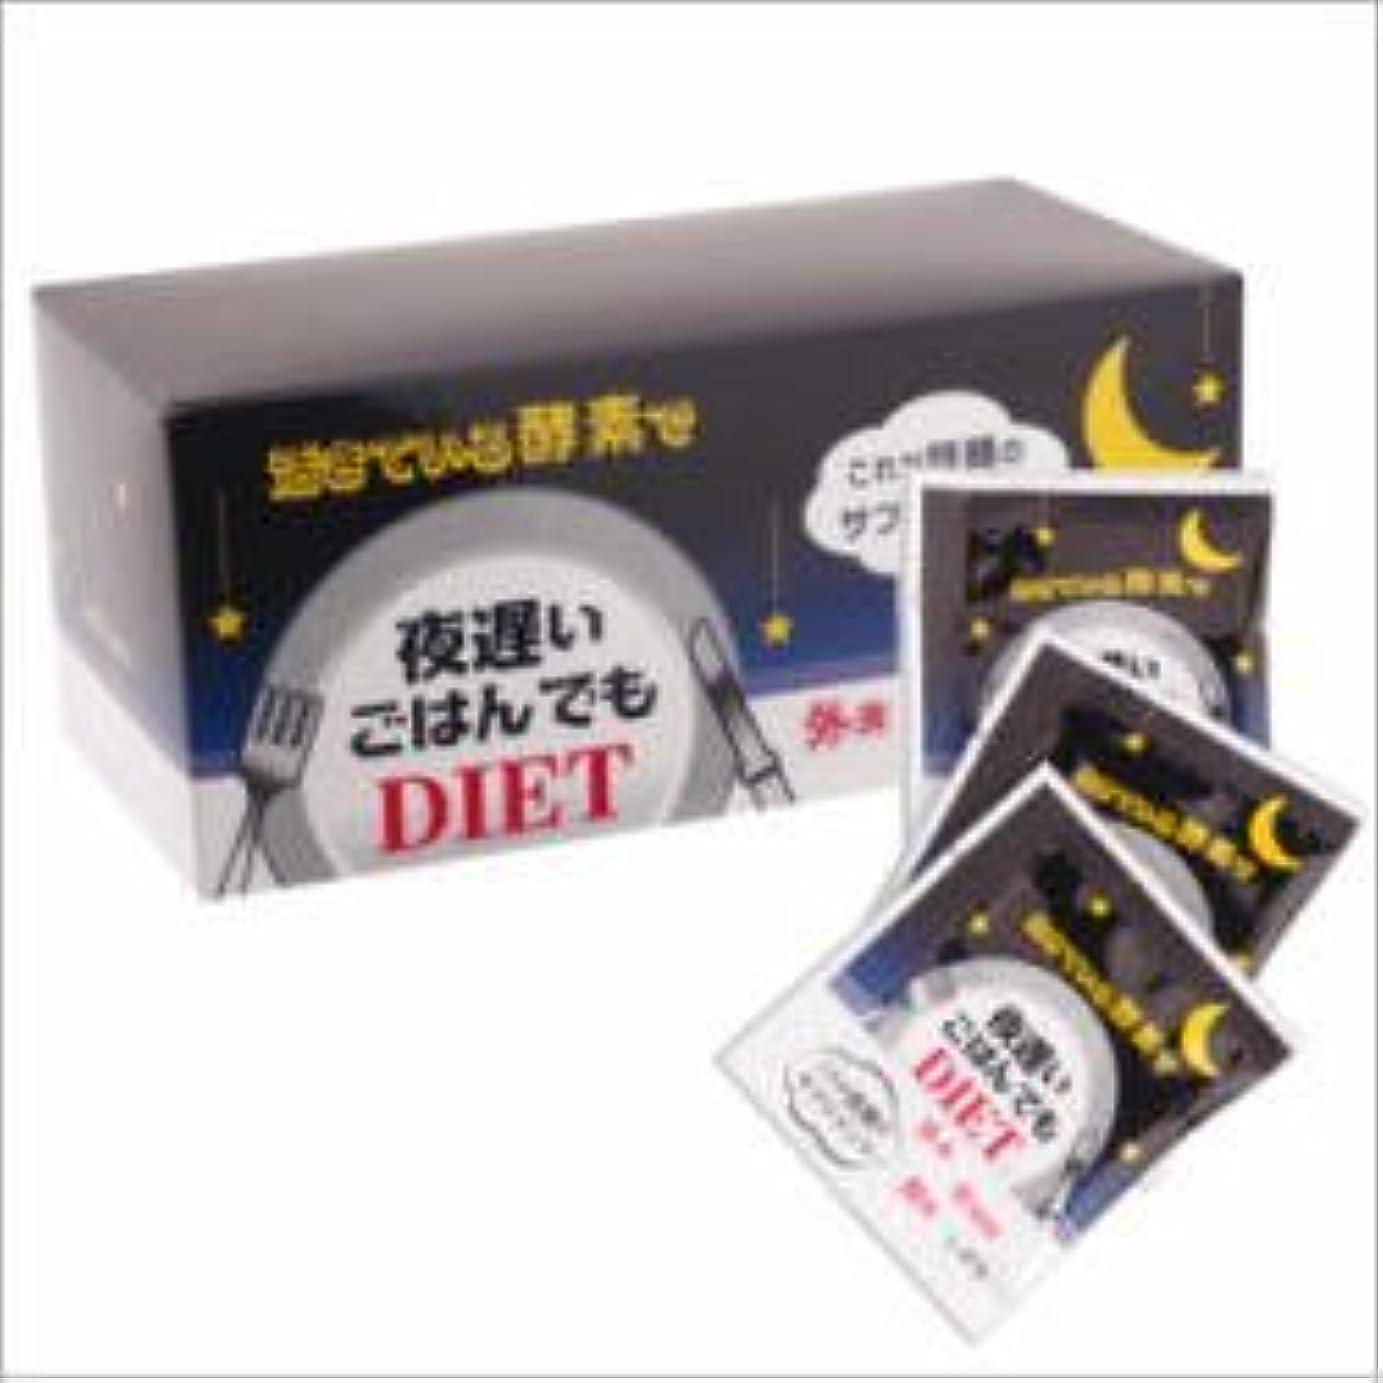 新谷酵素 夜遅いごはんでも 30包 【2箱セット+1WEEK1袋セット】